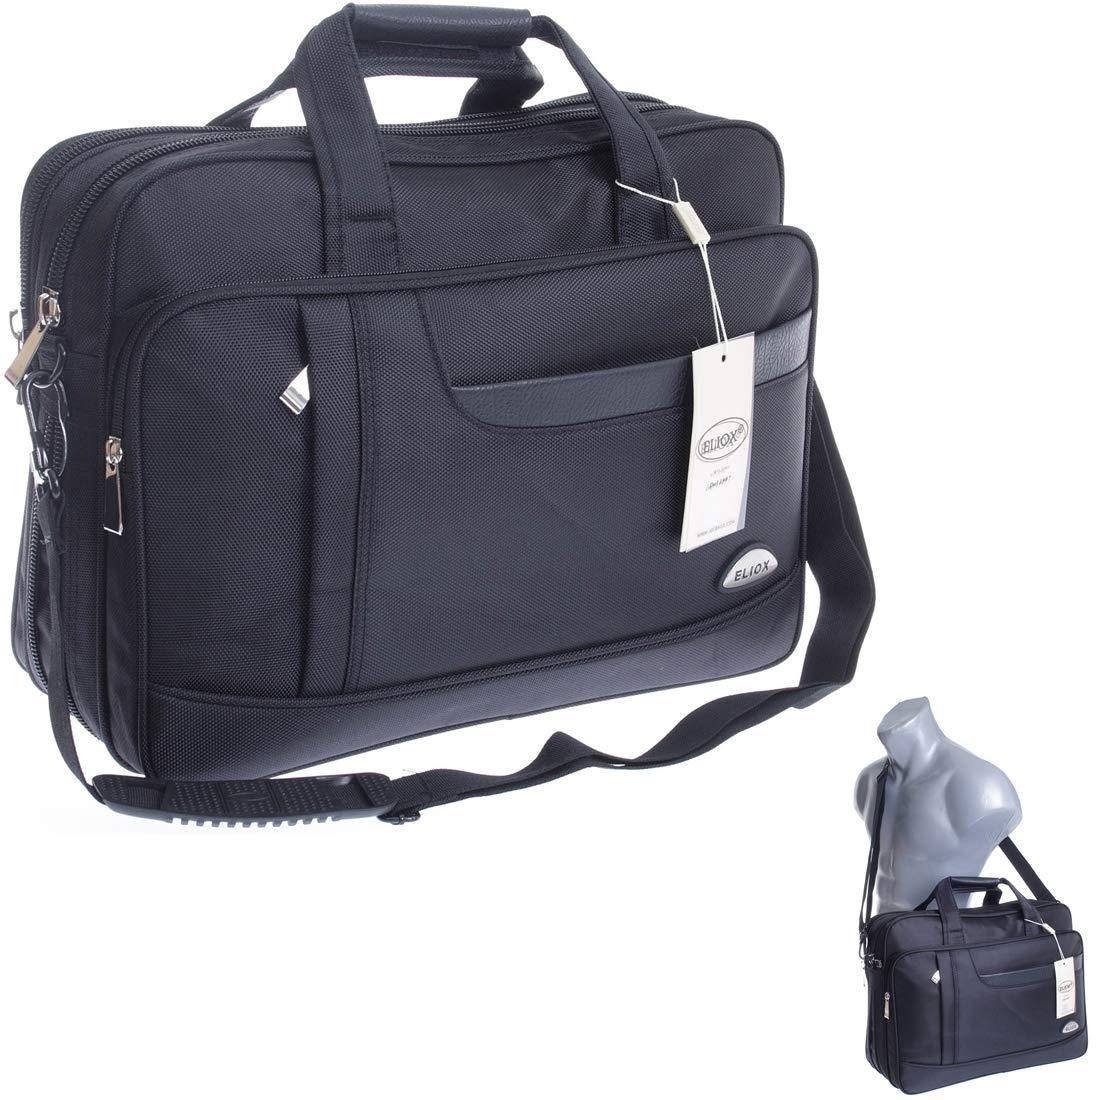 XXL Businesstasche Raumwunder Arbeitstasche Herrentasche Flugbegleiter Umhä ngetasche Schultertasche Messenger (Modell 2)